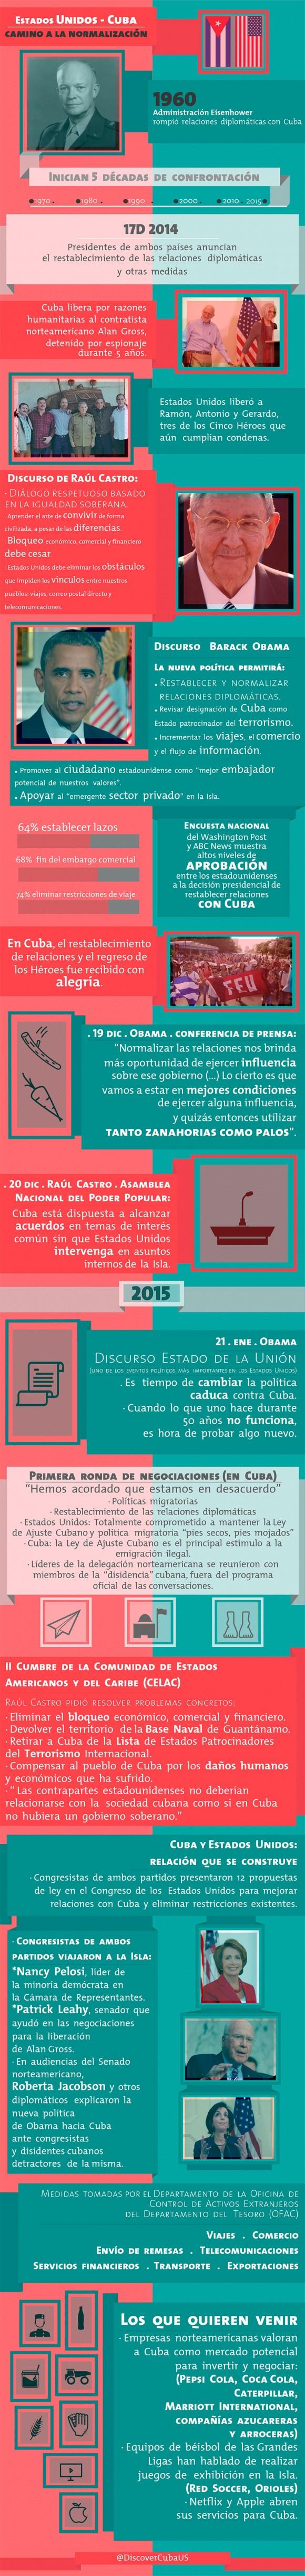 infografía relaciones cuba-eeuu